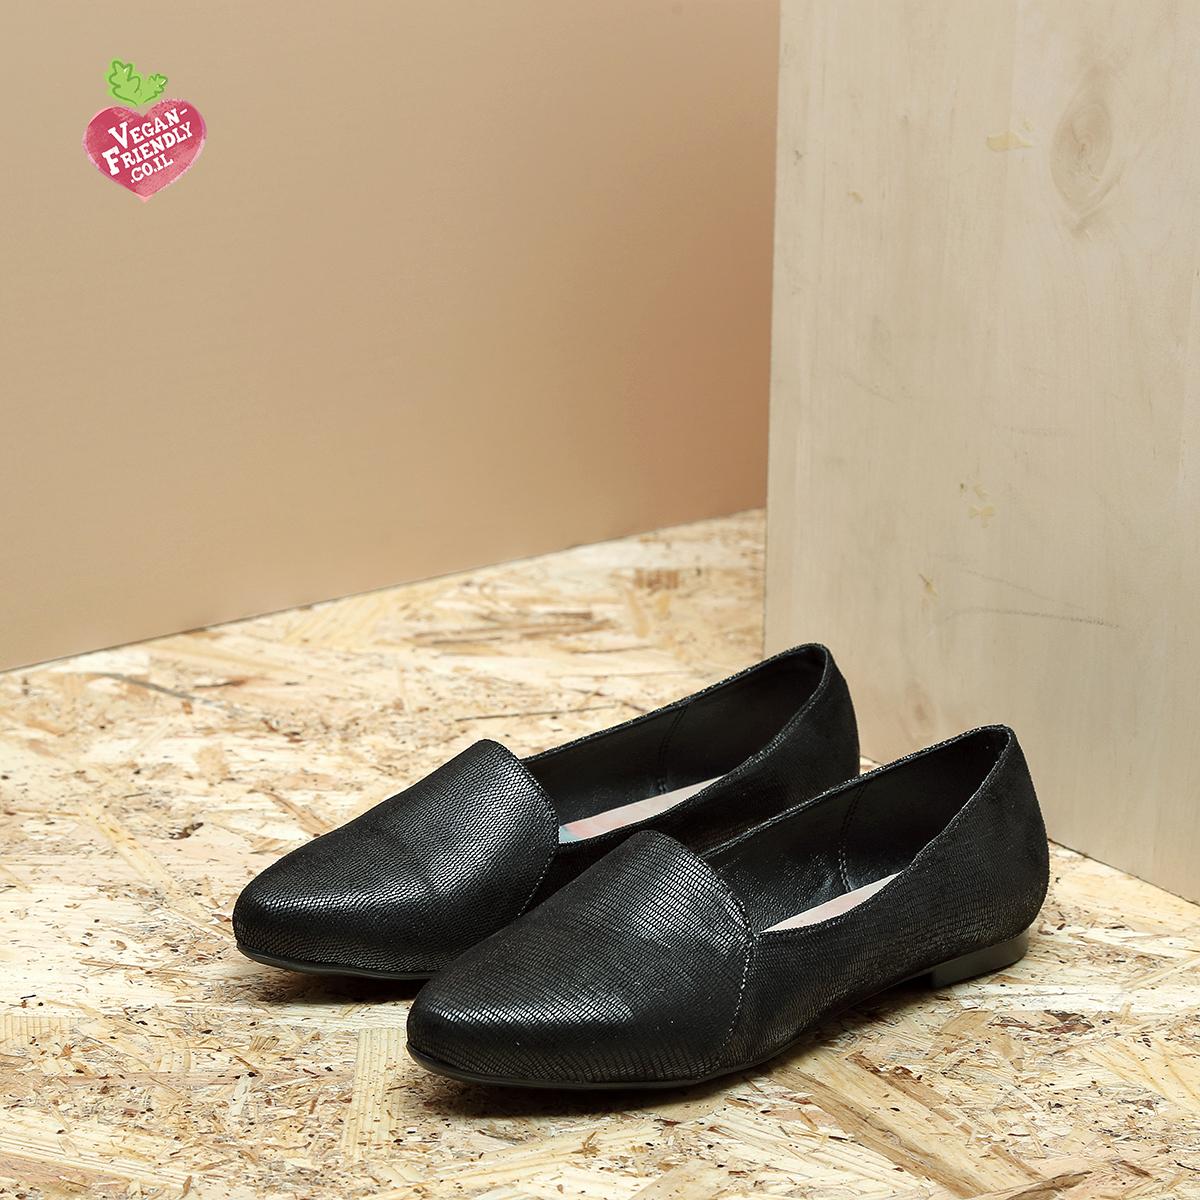 דגם מונטנגרו: נעלי סירה טבעוניות שטוחות בצבע שחור